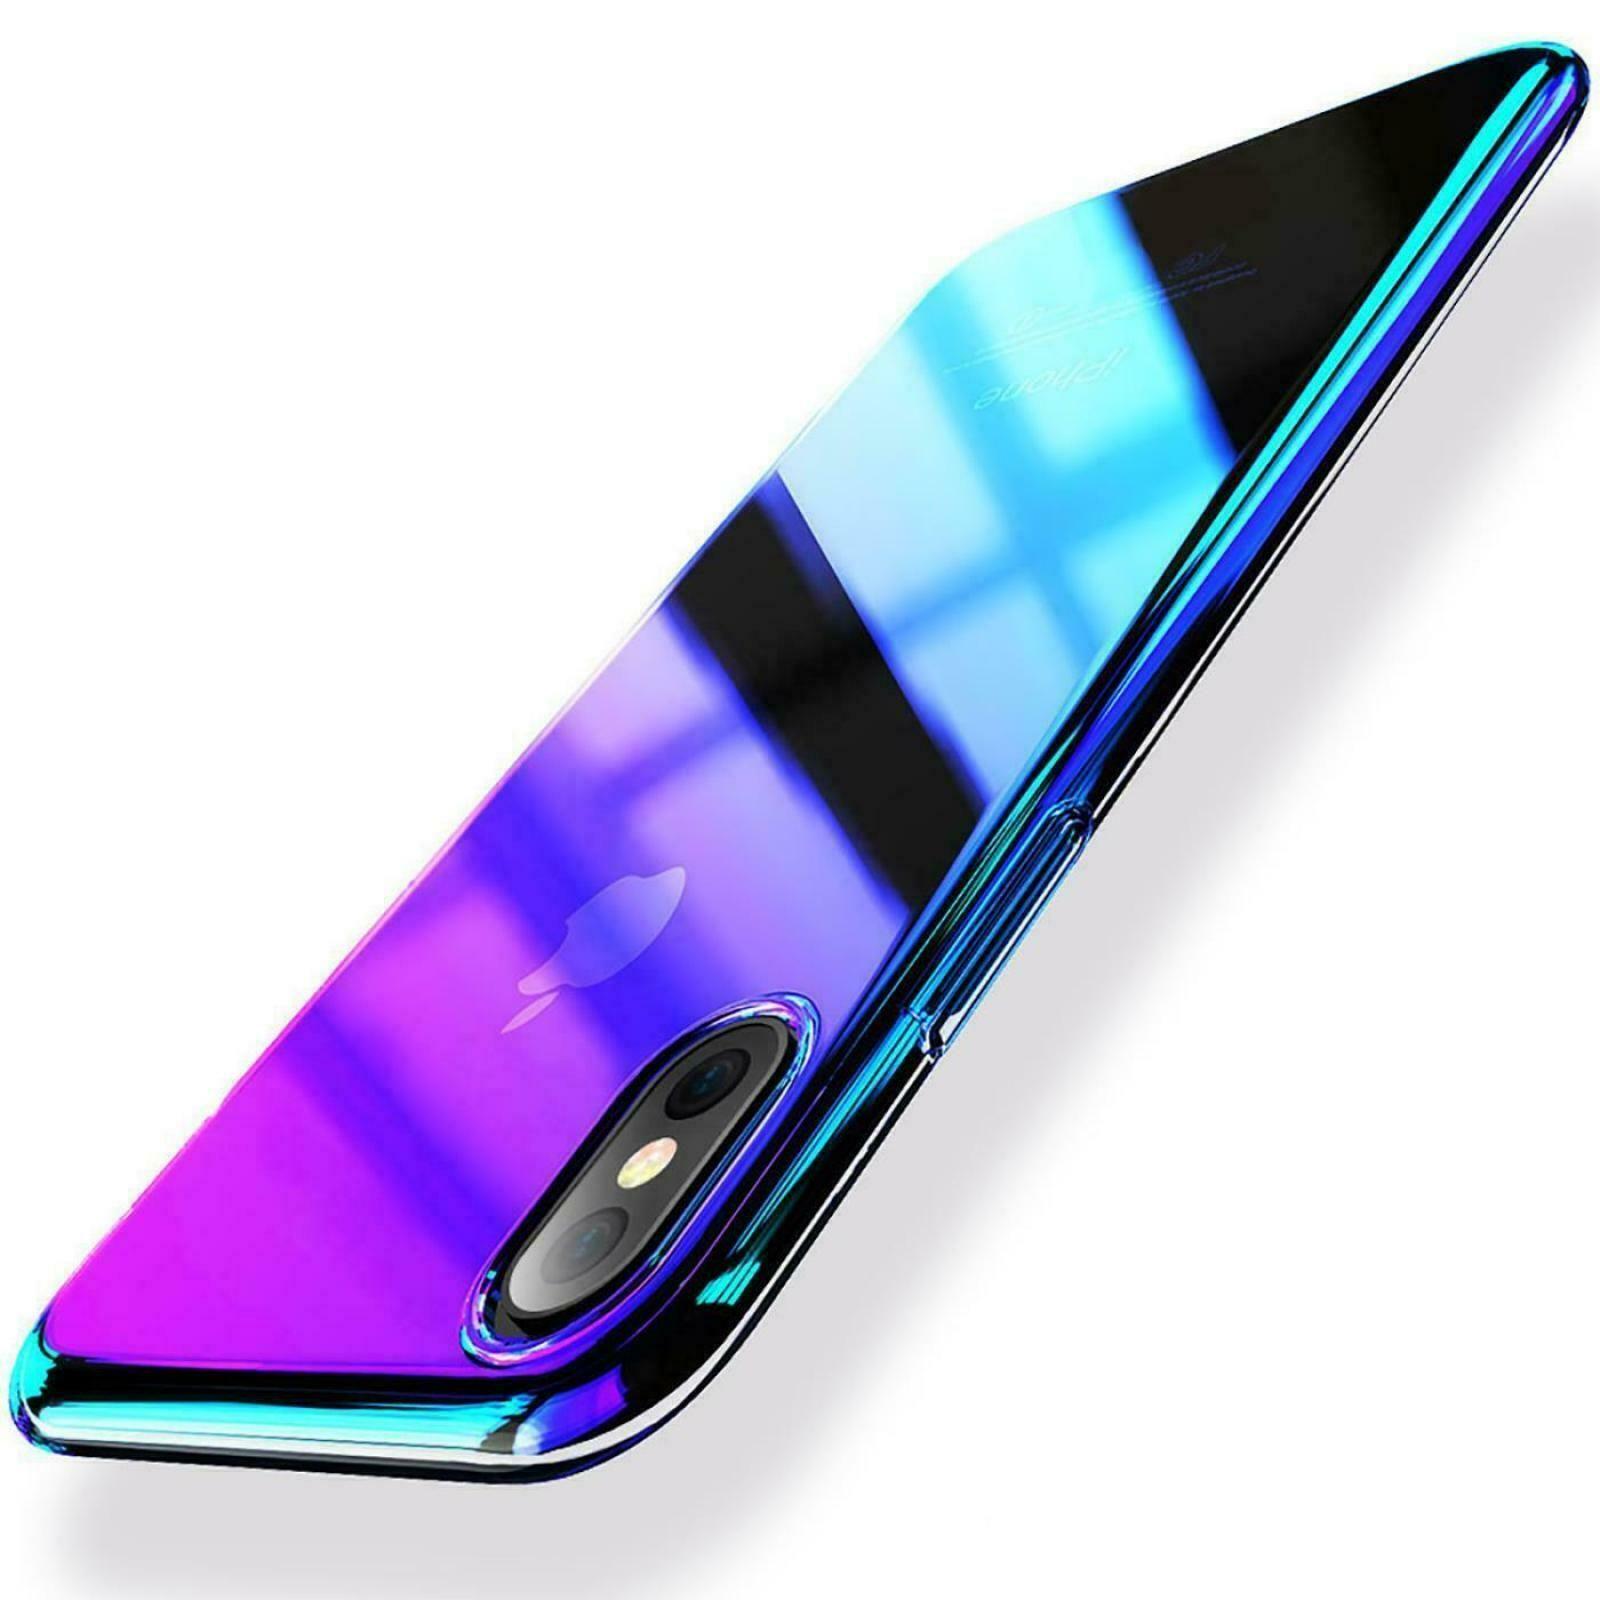 Farbwechsel Handy Hulle Schutzhulle Schutz Case Bumper Slim Back Cover Tasche In 2020 Apple Phone Apple 7 Slim